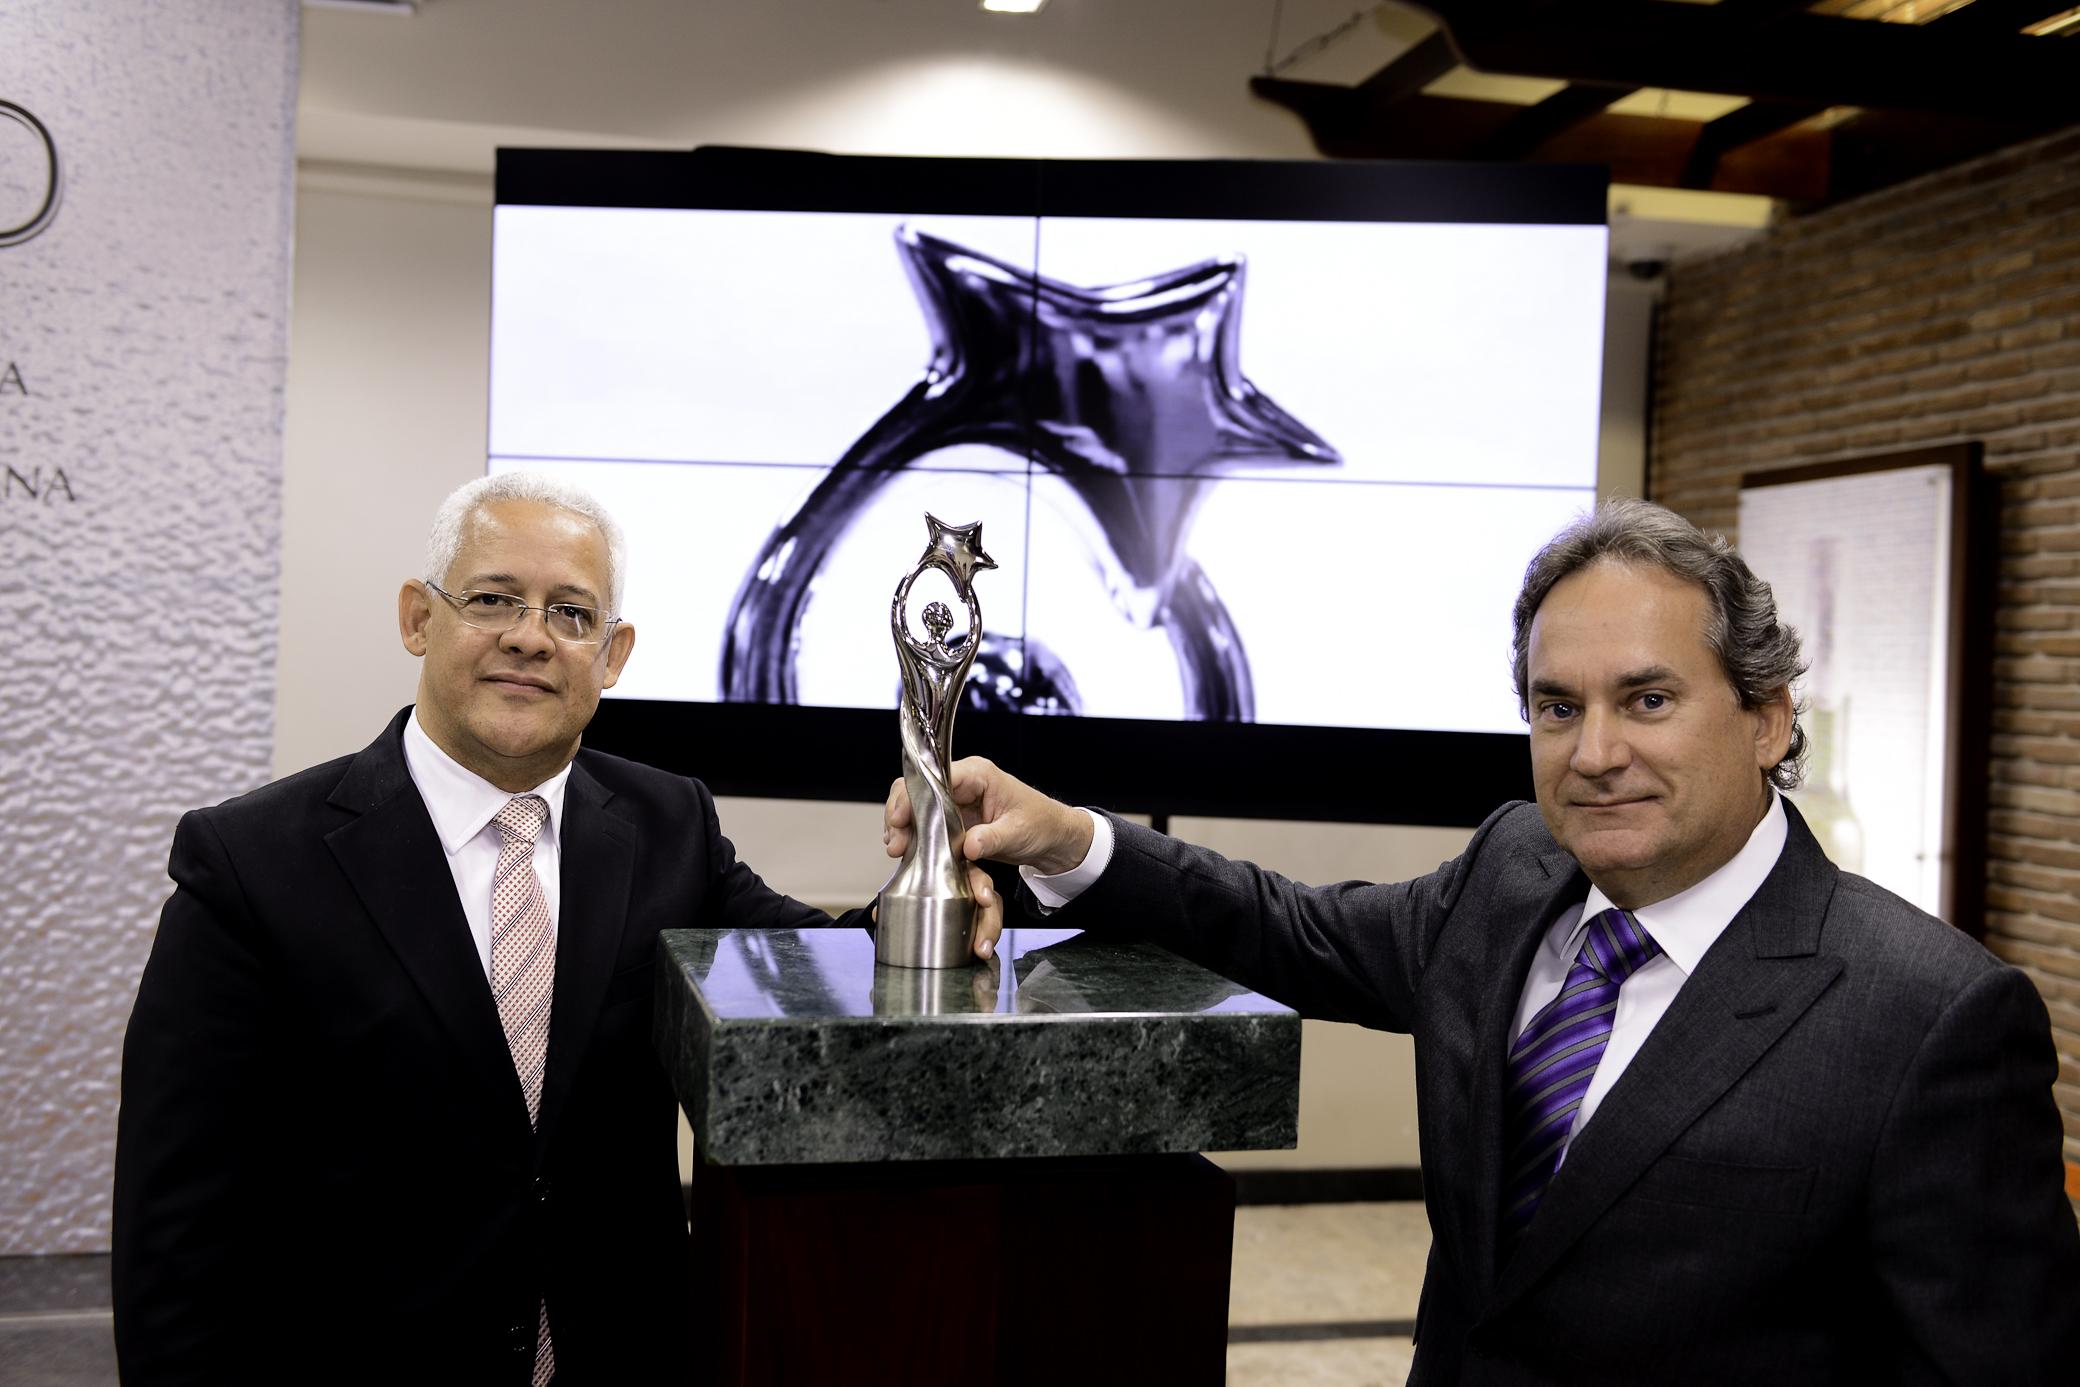 José Antonio Aybar, de Acroarte; y Franklin León, presidente de la CND, durante la presentación de la nueva estatuilla./Acroarte.